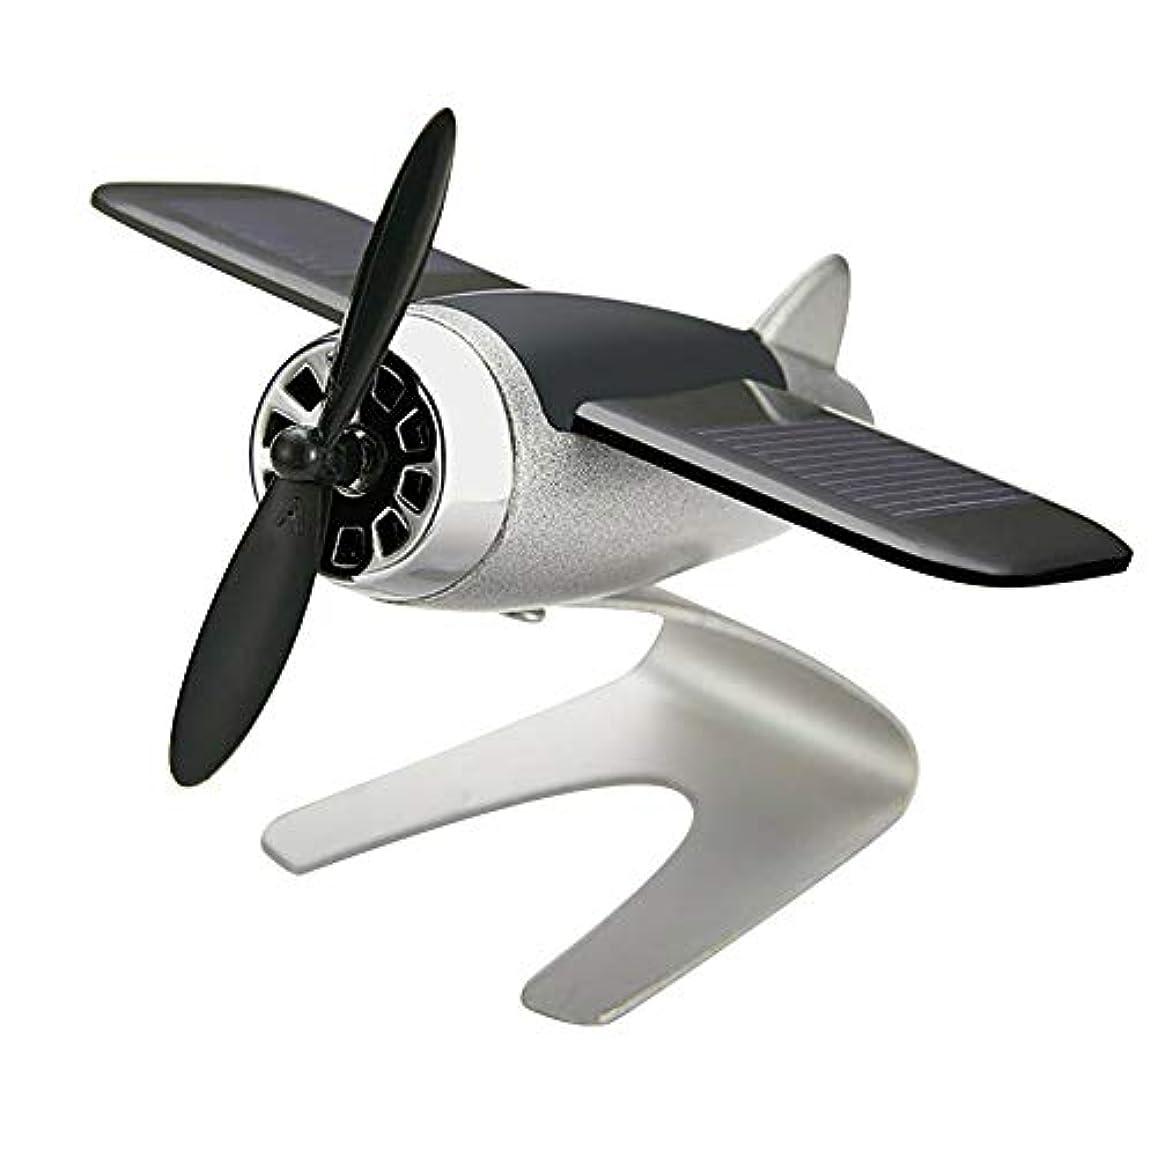 超音速テクスチャー境界Symboat 車の芳香剤飛行機航空機モデル太陽エネルギーアロマテラピー室内装飾